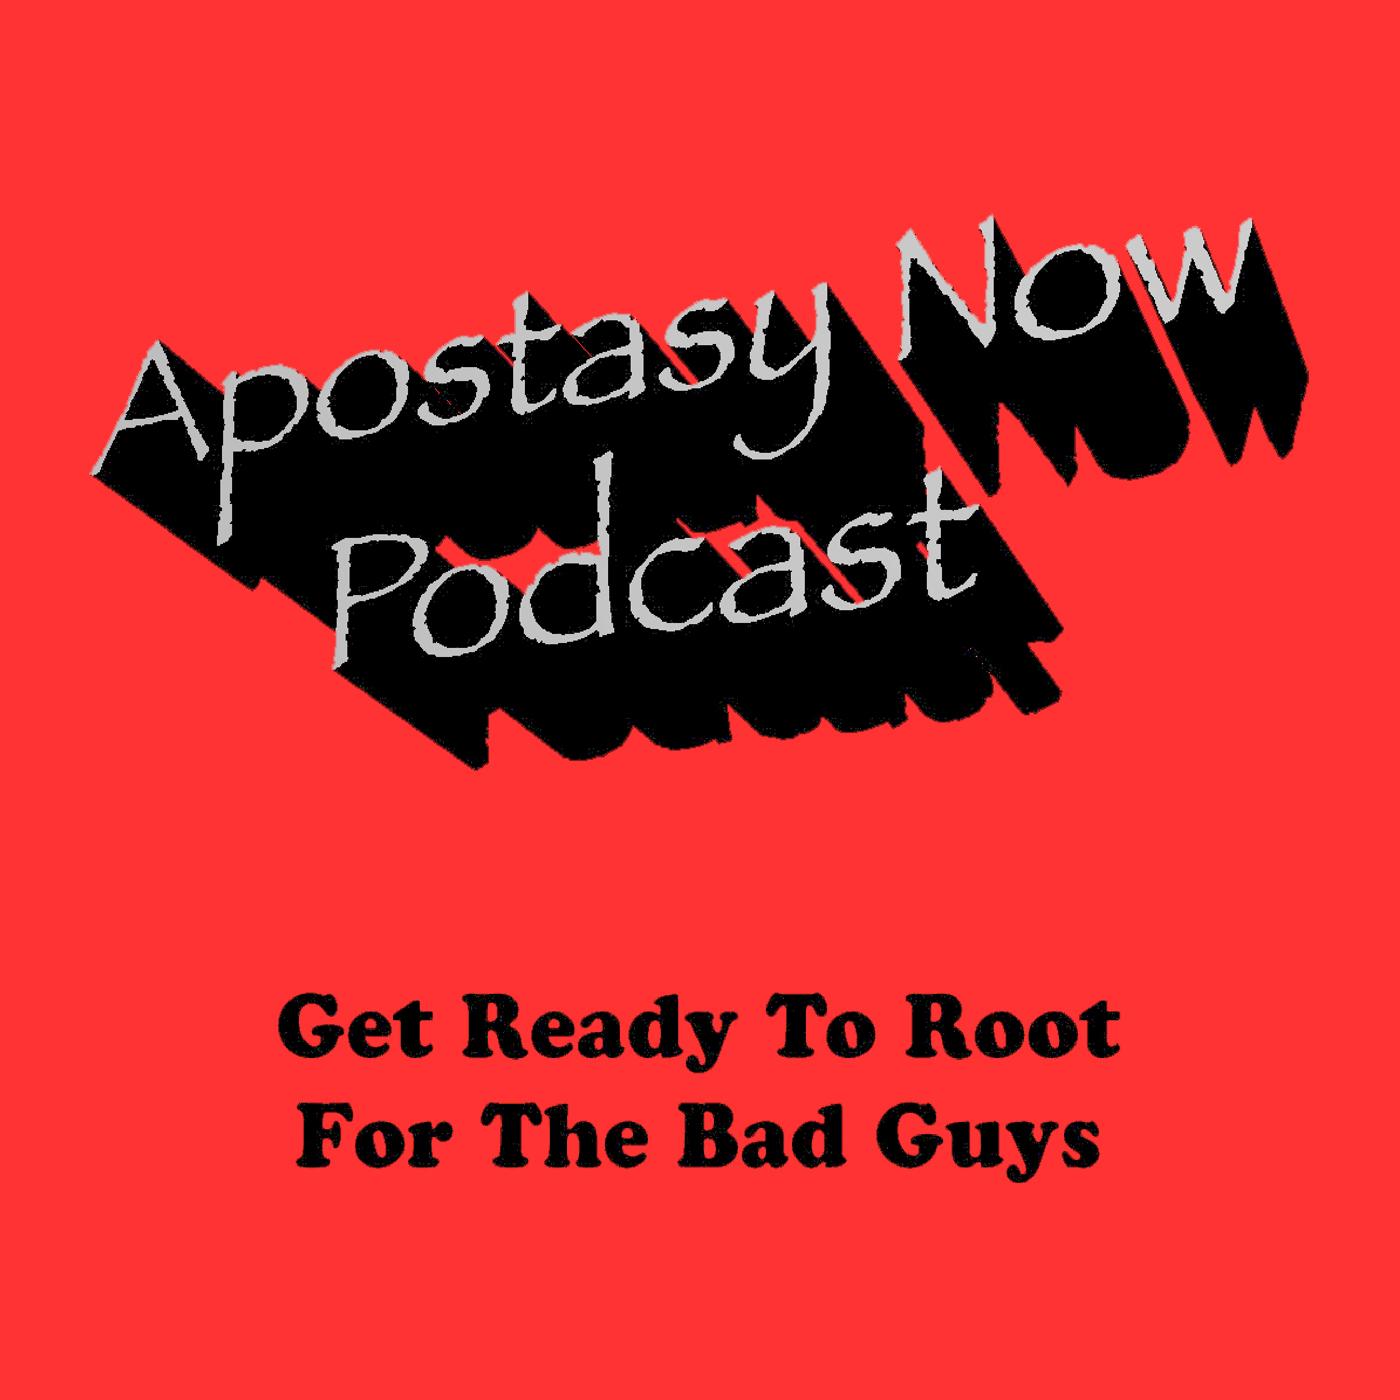 Apostasy Now Podcast – Apostasy Now